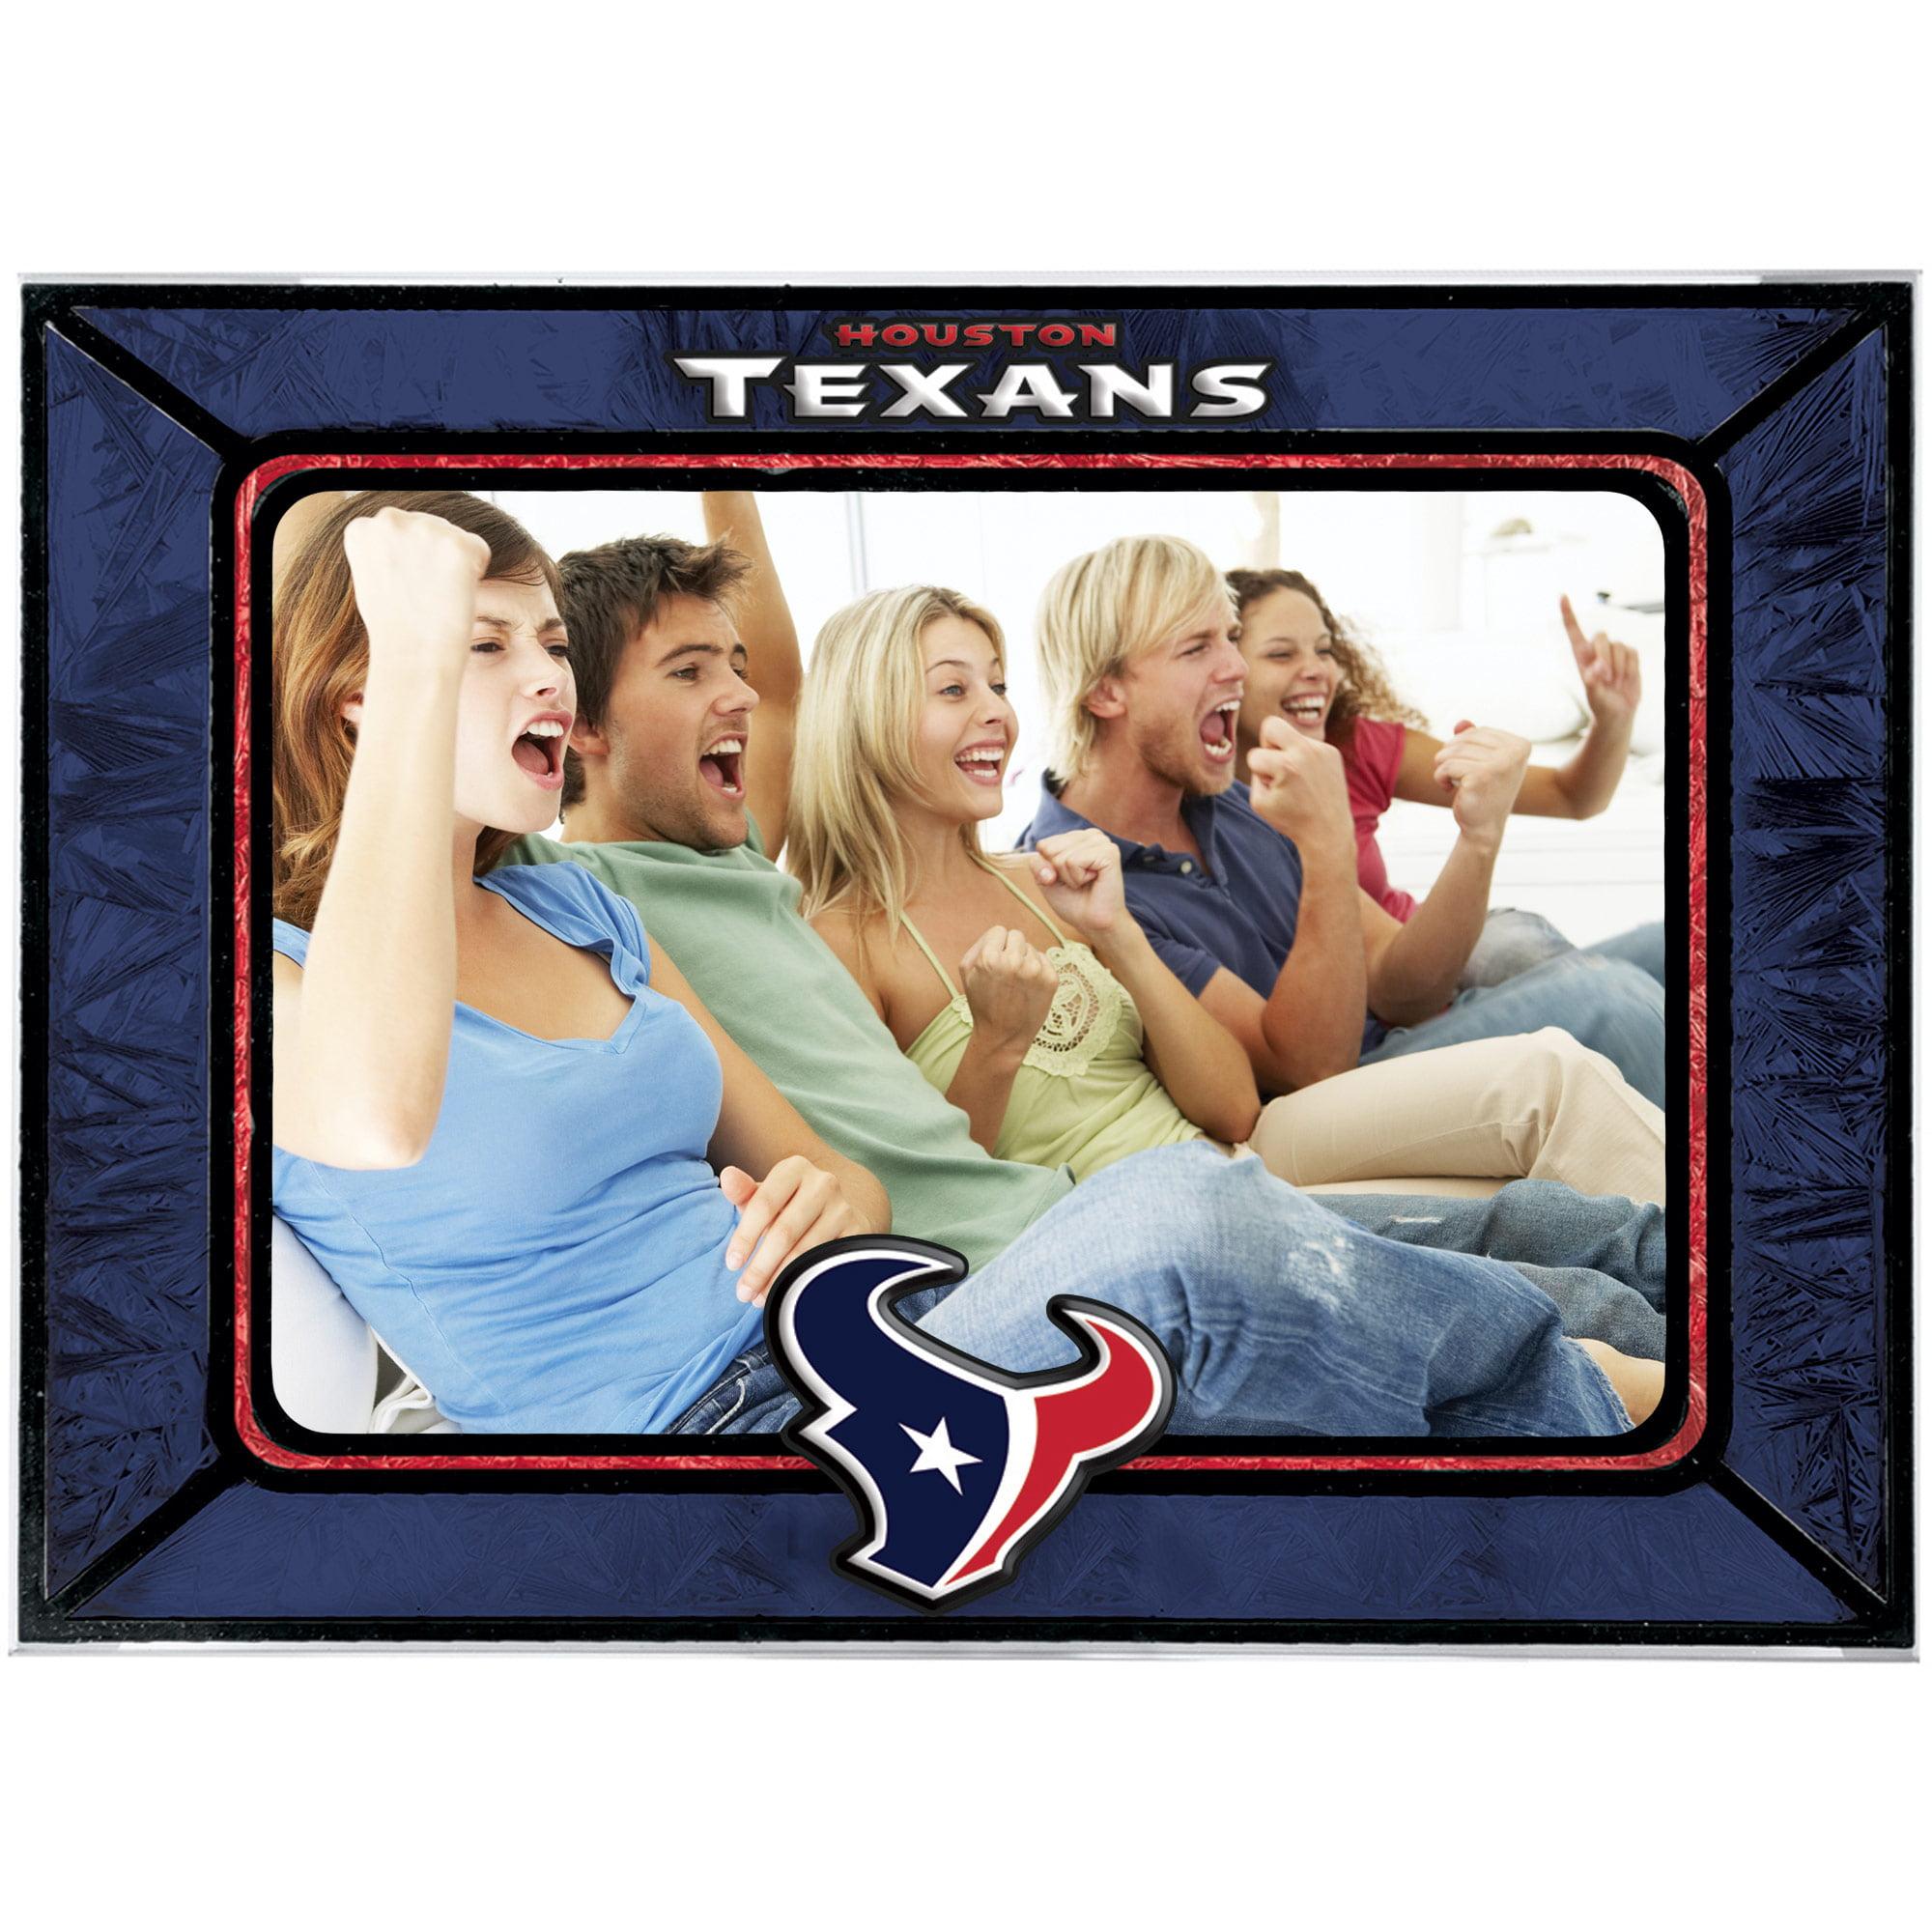 Houston Texans Horizontal Art Glass Frame - No Size